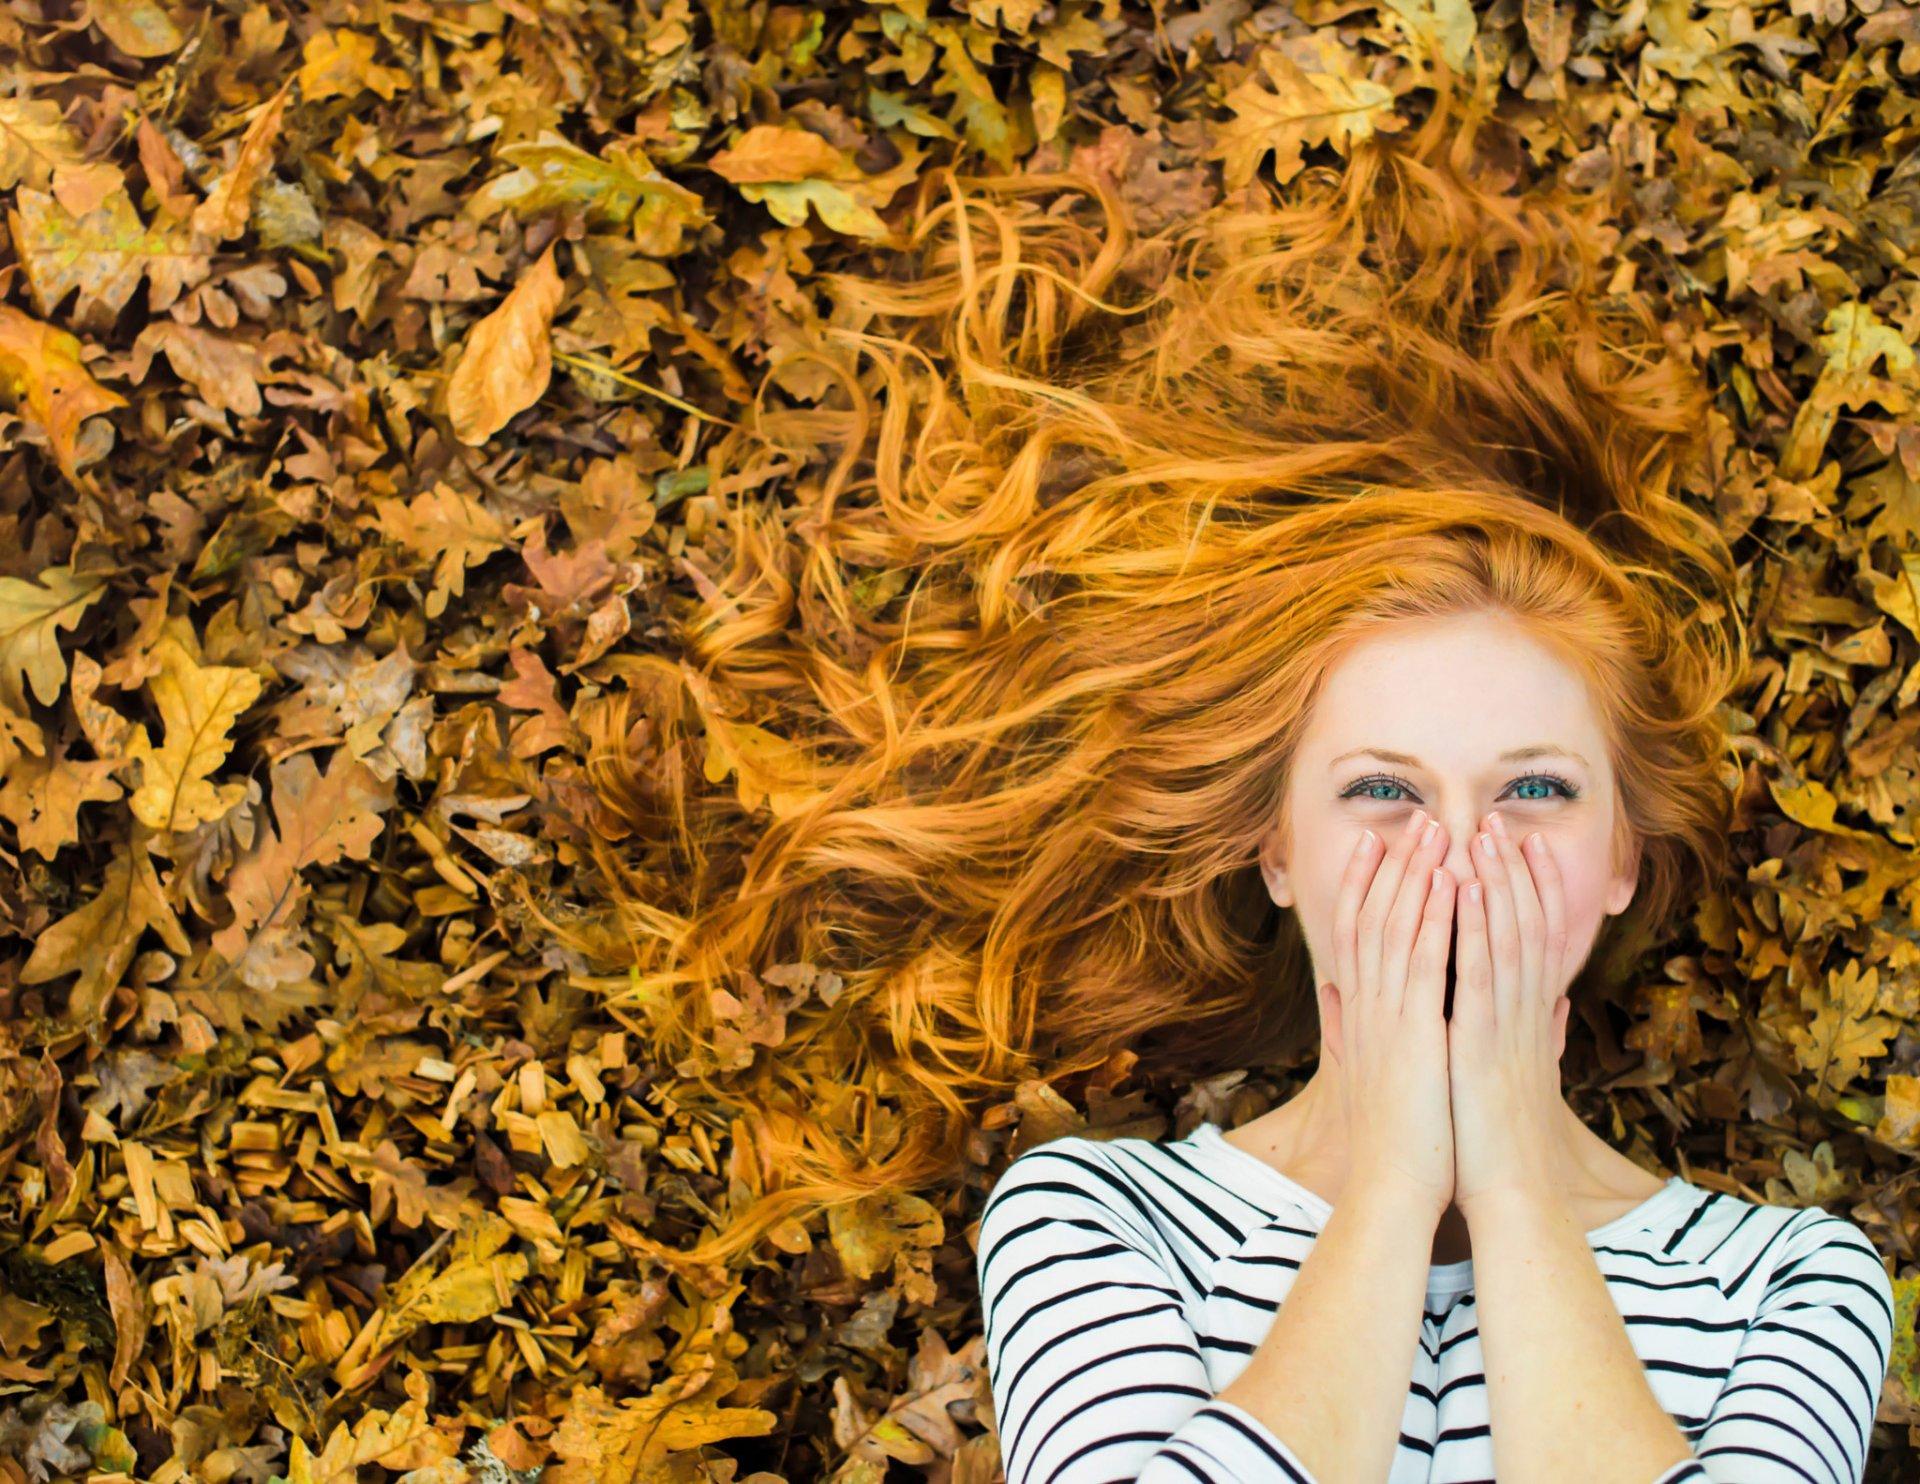 литр сон взять в руки прядь чужих рыжих волос погоды городам